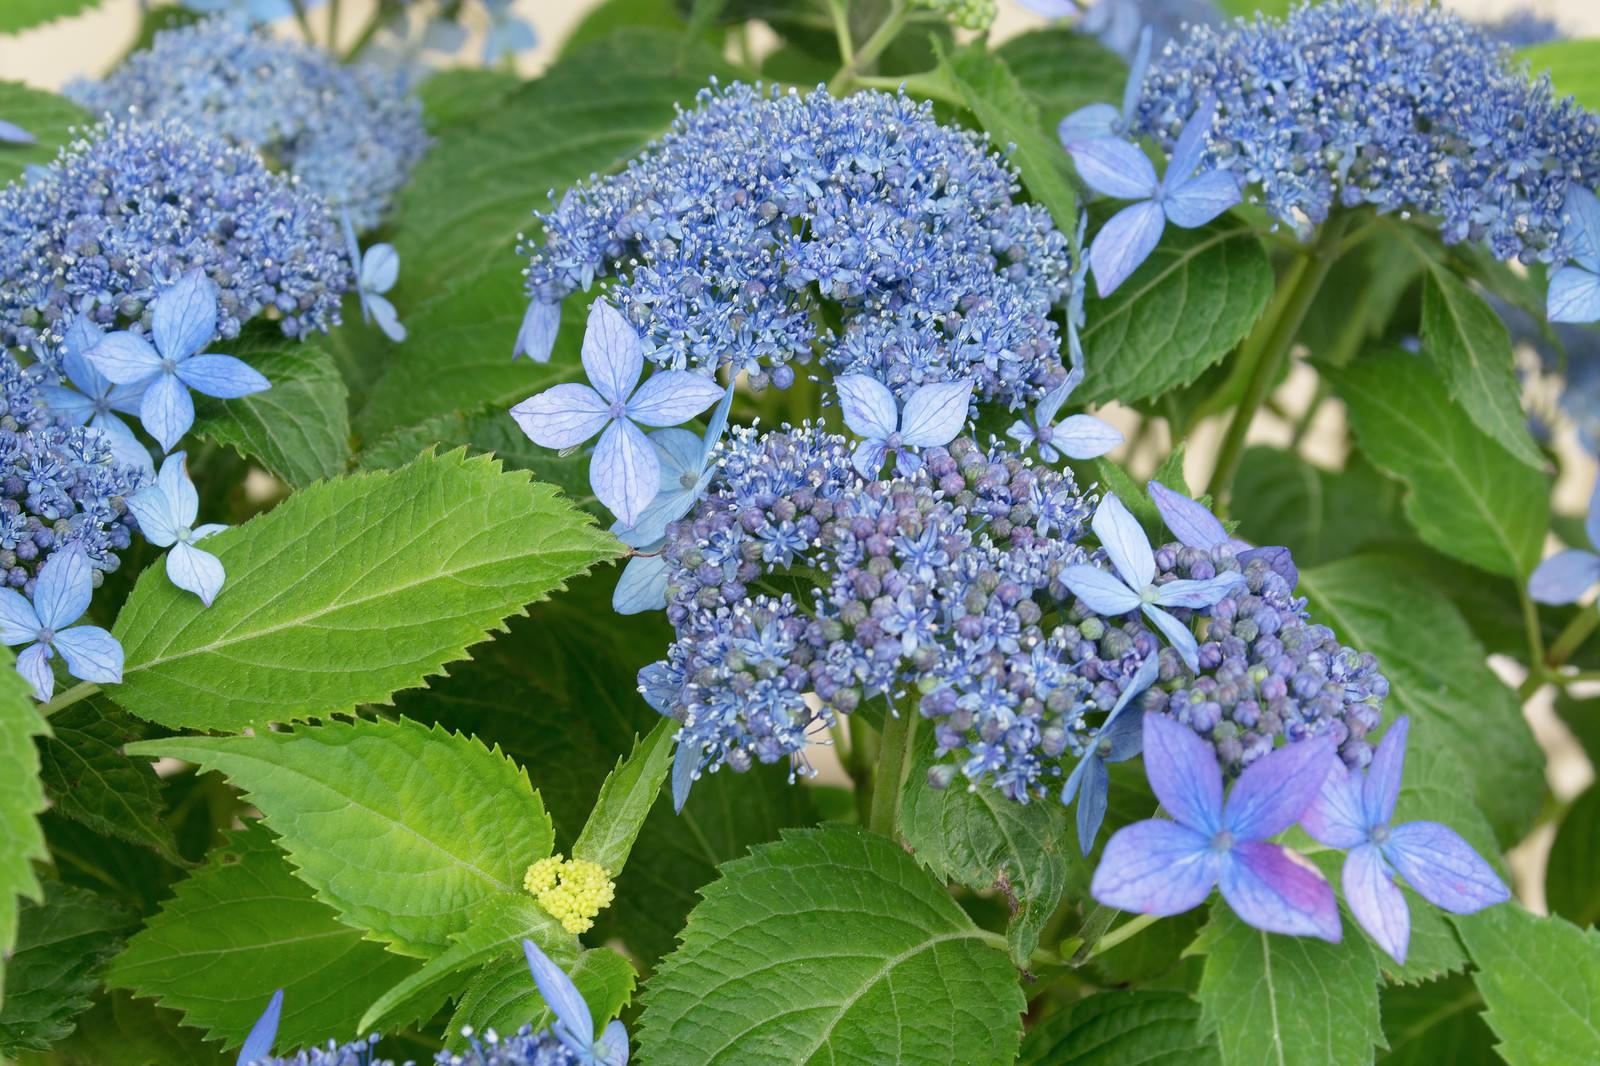 「青紫色のガクアジサイ」の写真